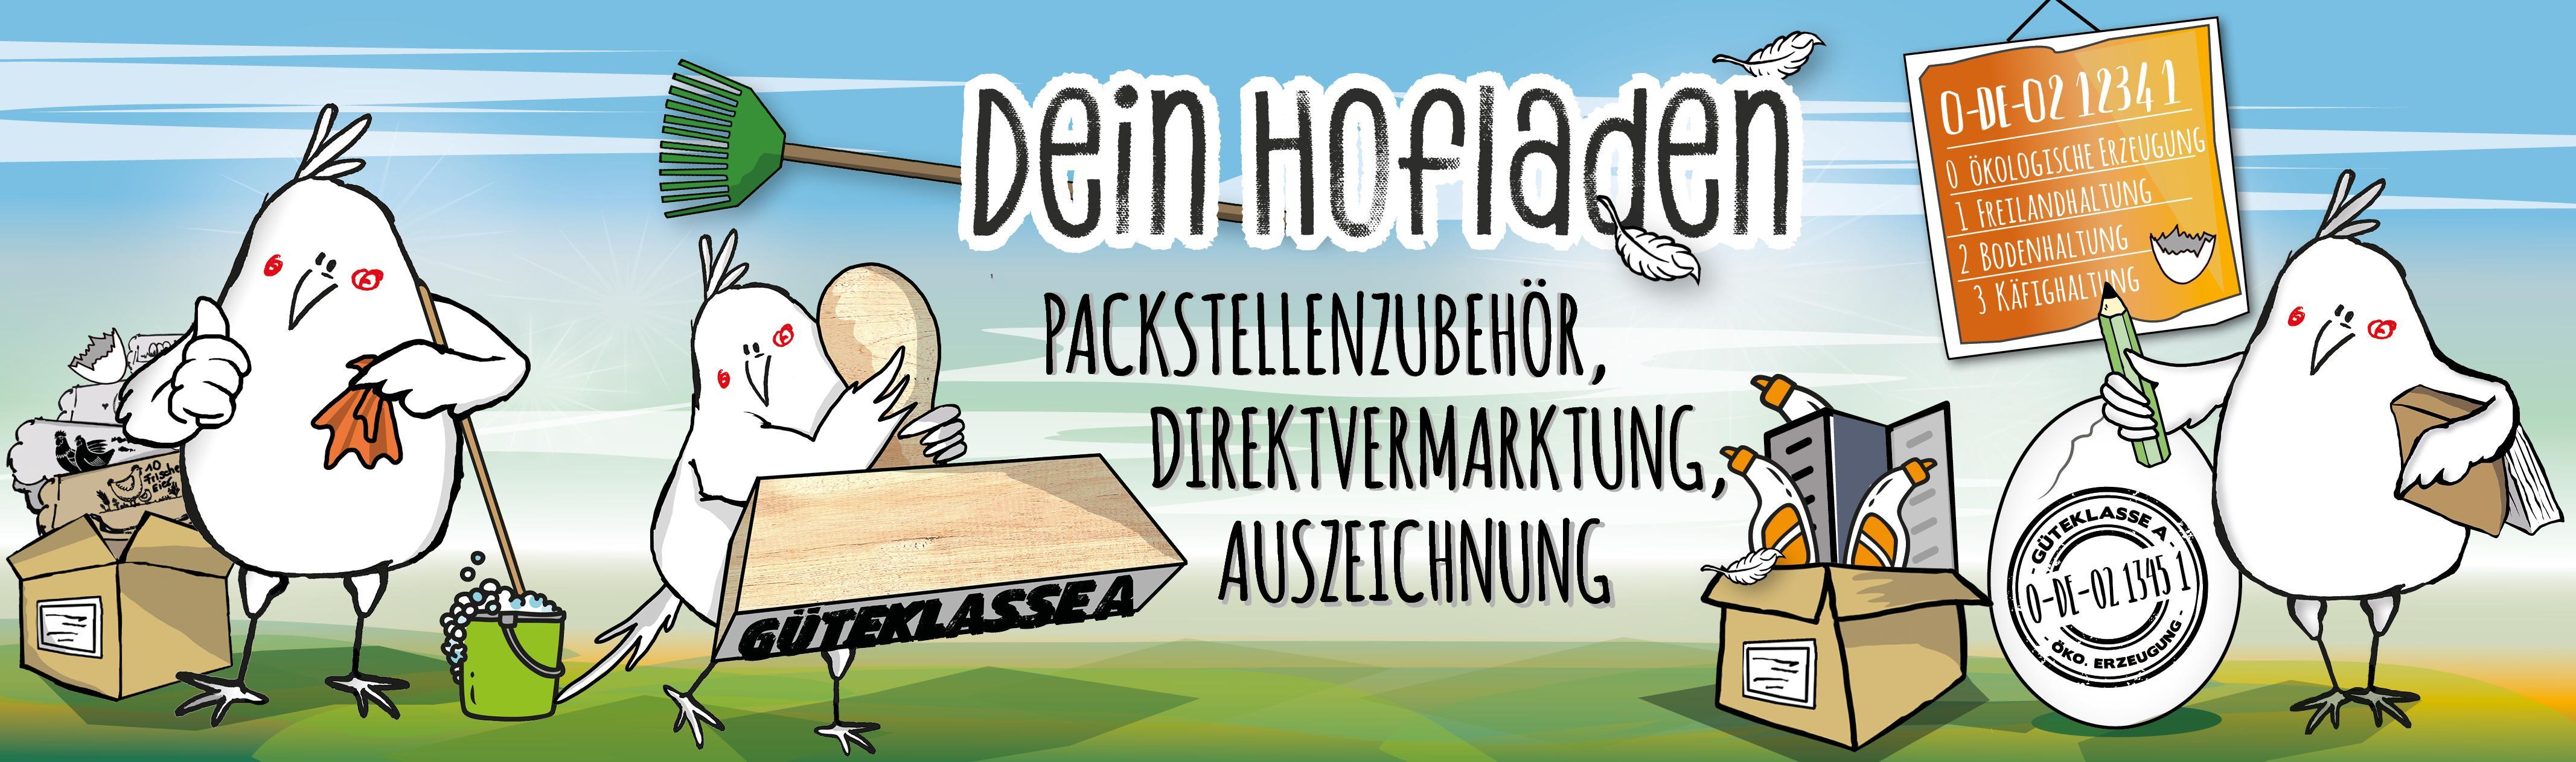 Banner-Hofladen_1024x303